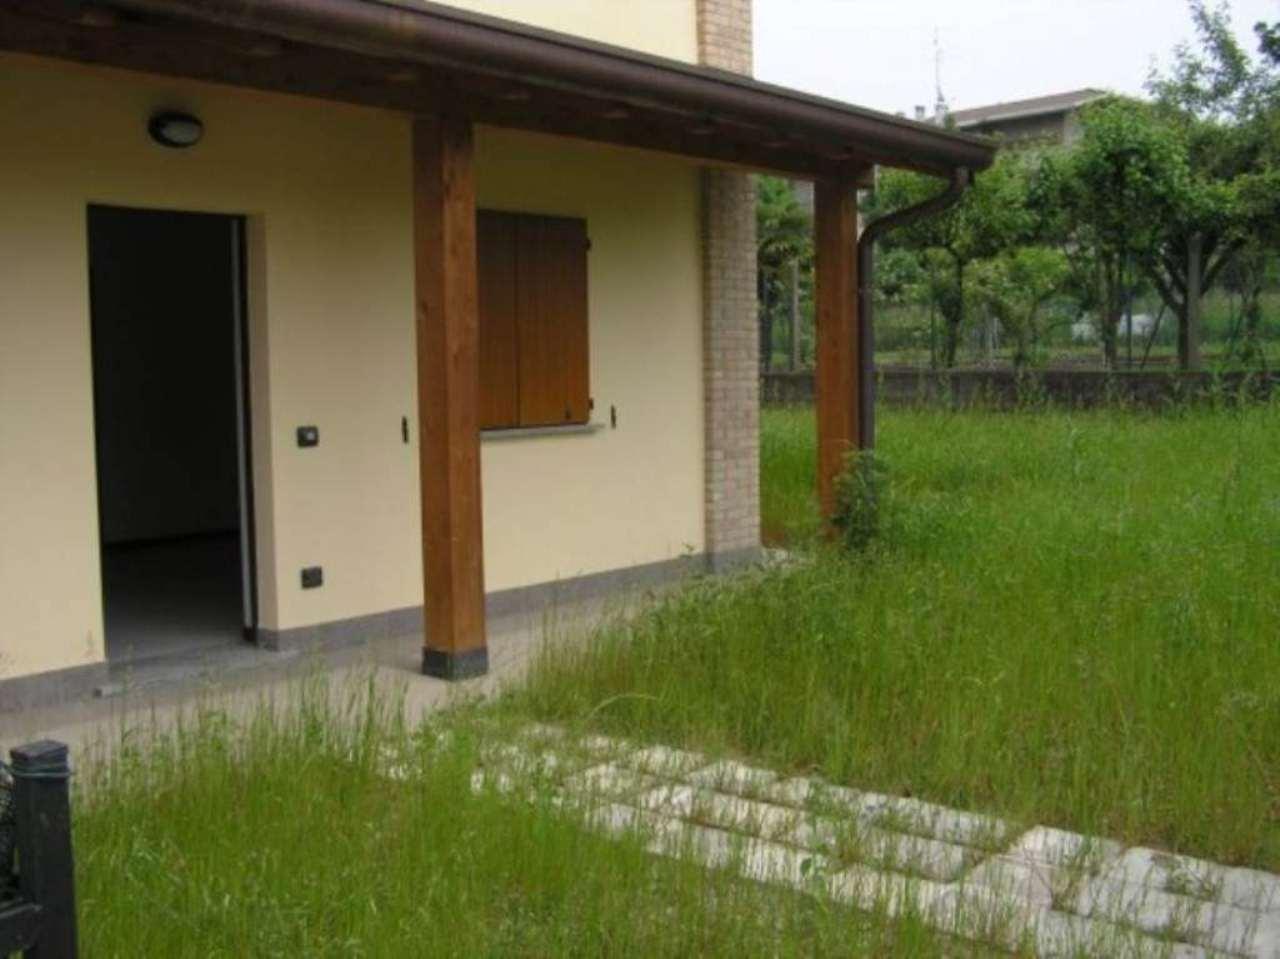 Villa in vendita a Villa Guardia, 5 locali, prezzo € 280.000 | CambioCasa.it